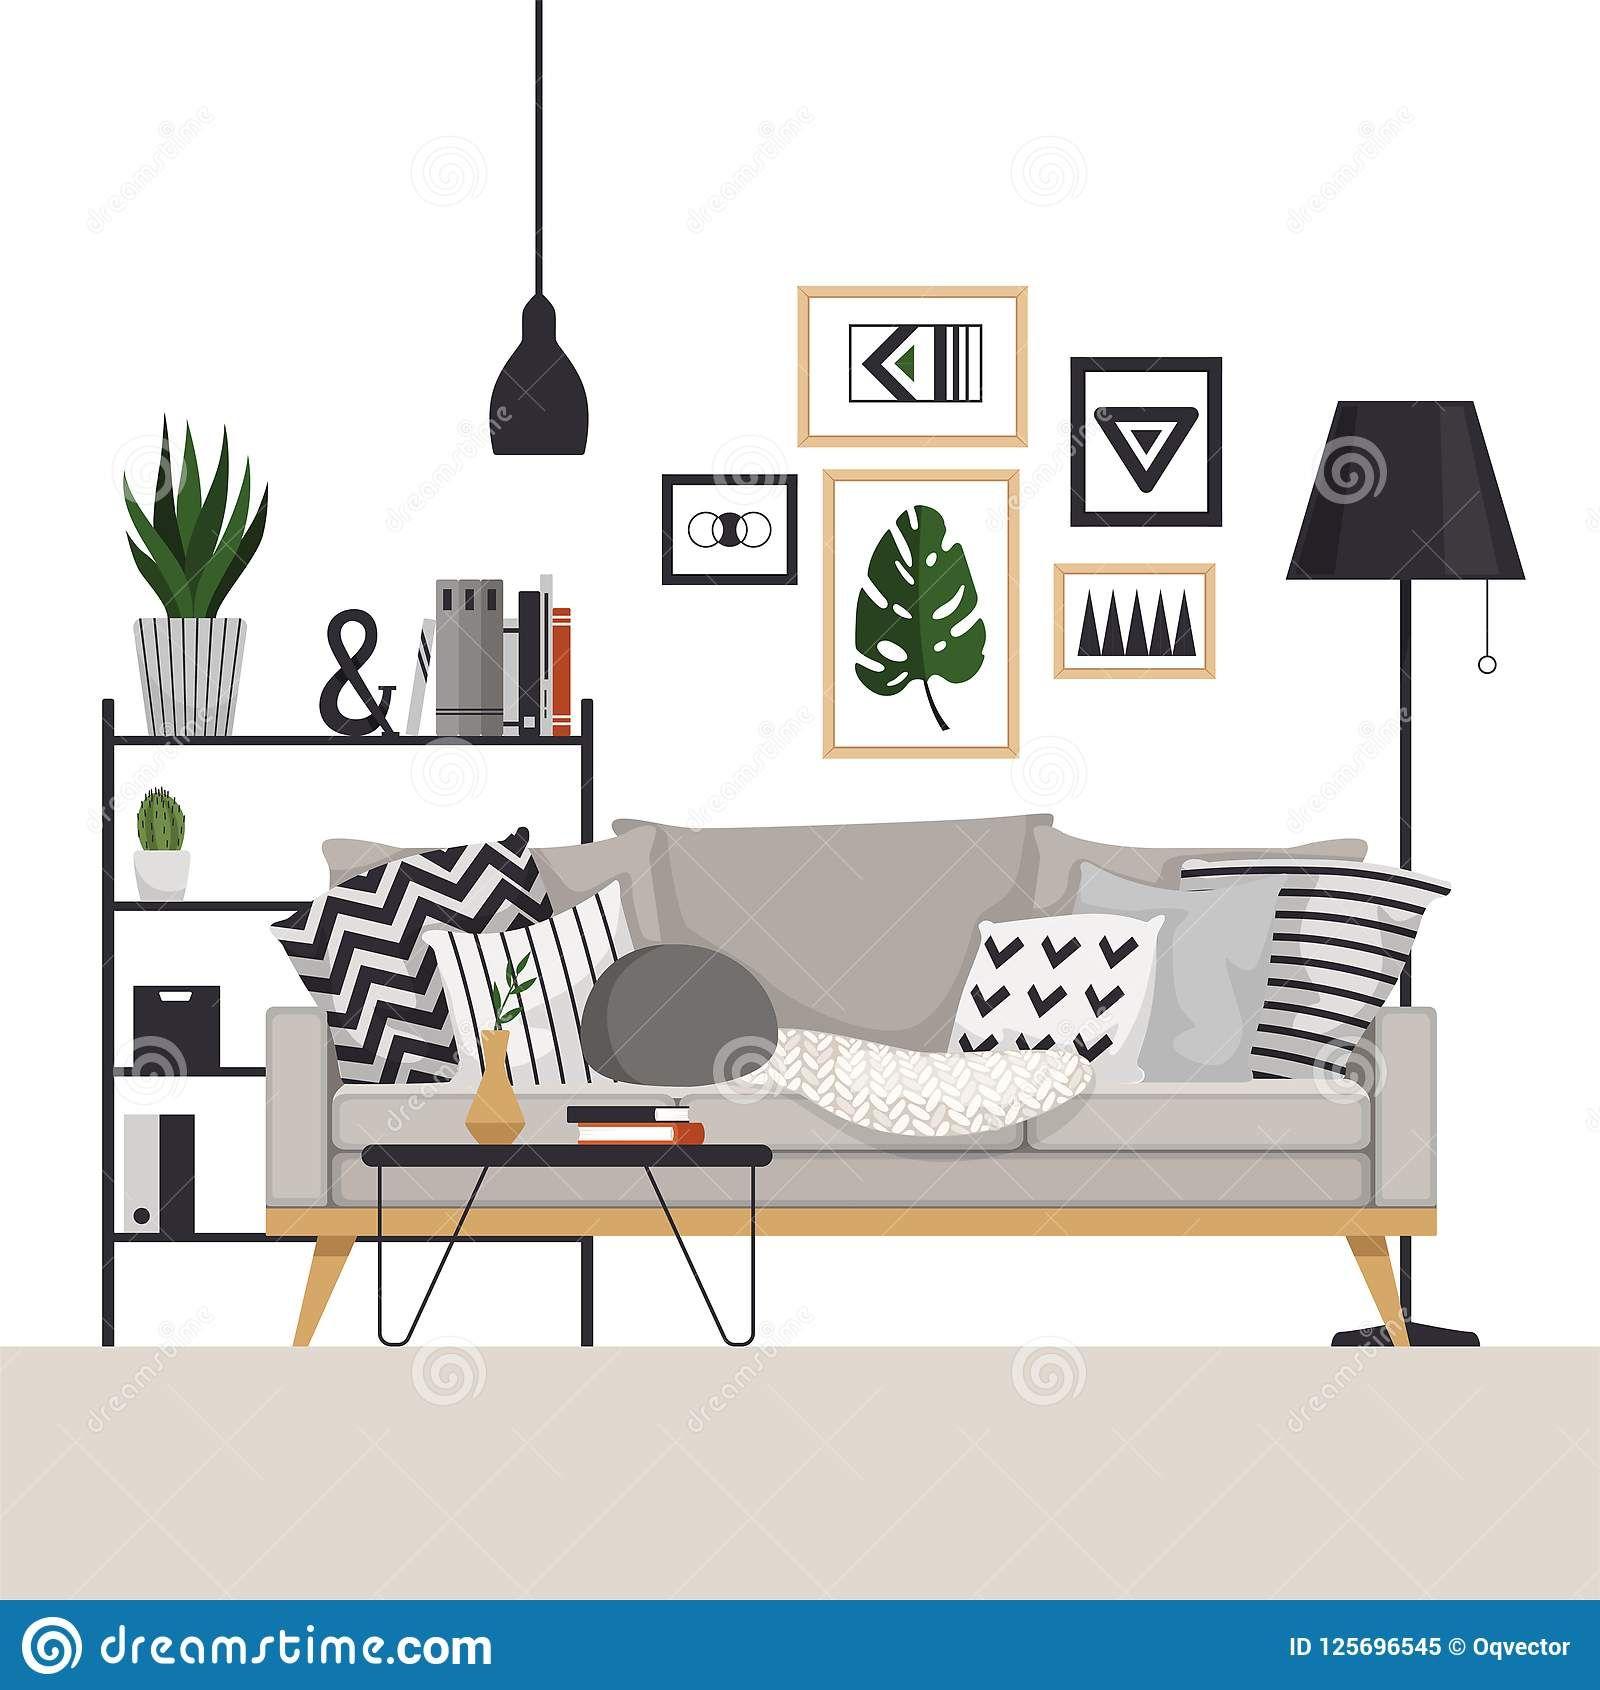 Scandinavian Style Living Room Vector Illustration Scandinavianstyle Scandinavianinterior Living Room Vector Interior Design Vector Interior Illustration